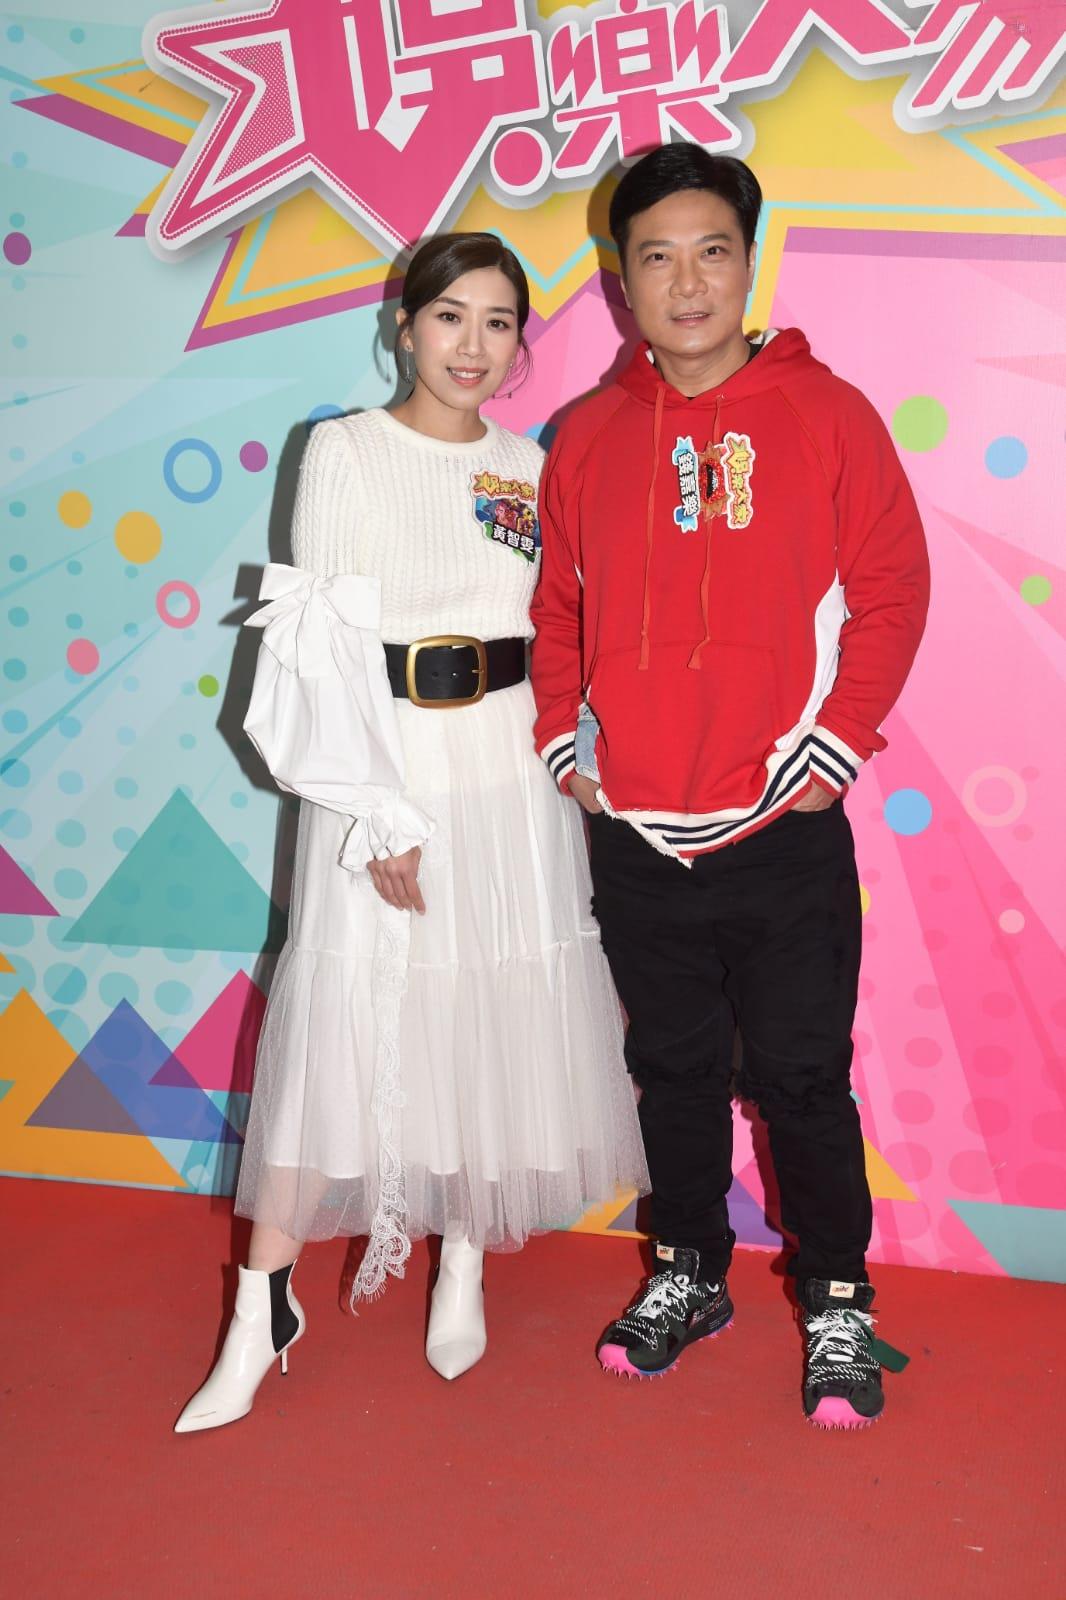 錢嘉樂(右)與黃智雯主演的舞台劇《今晚打老虎》下月公演。